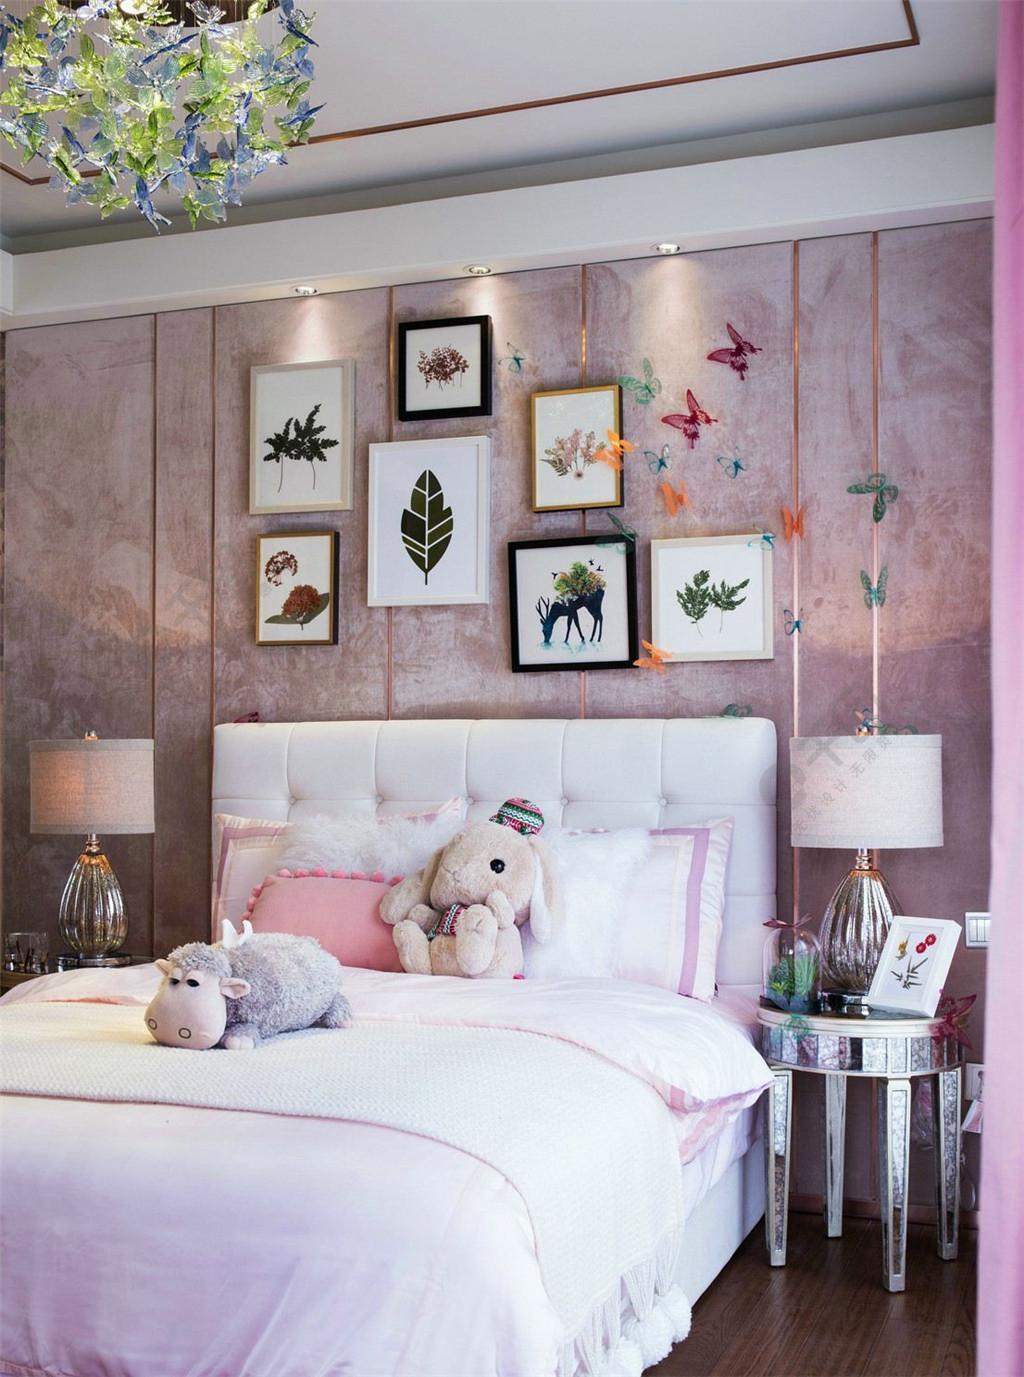 现代粉嫩背景心卧室少女粉色墙室内装修图设计建筑设计咨询钱明波图片